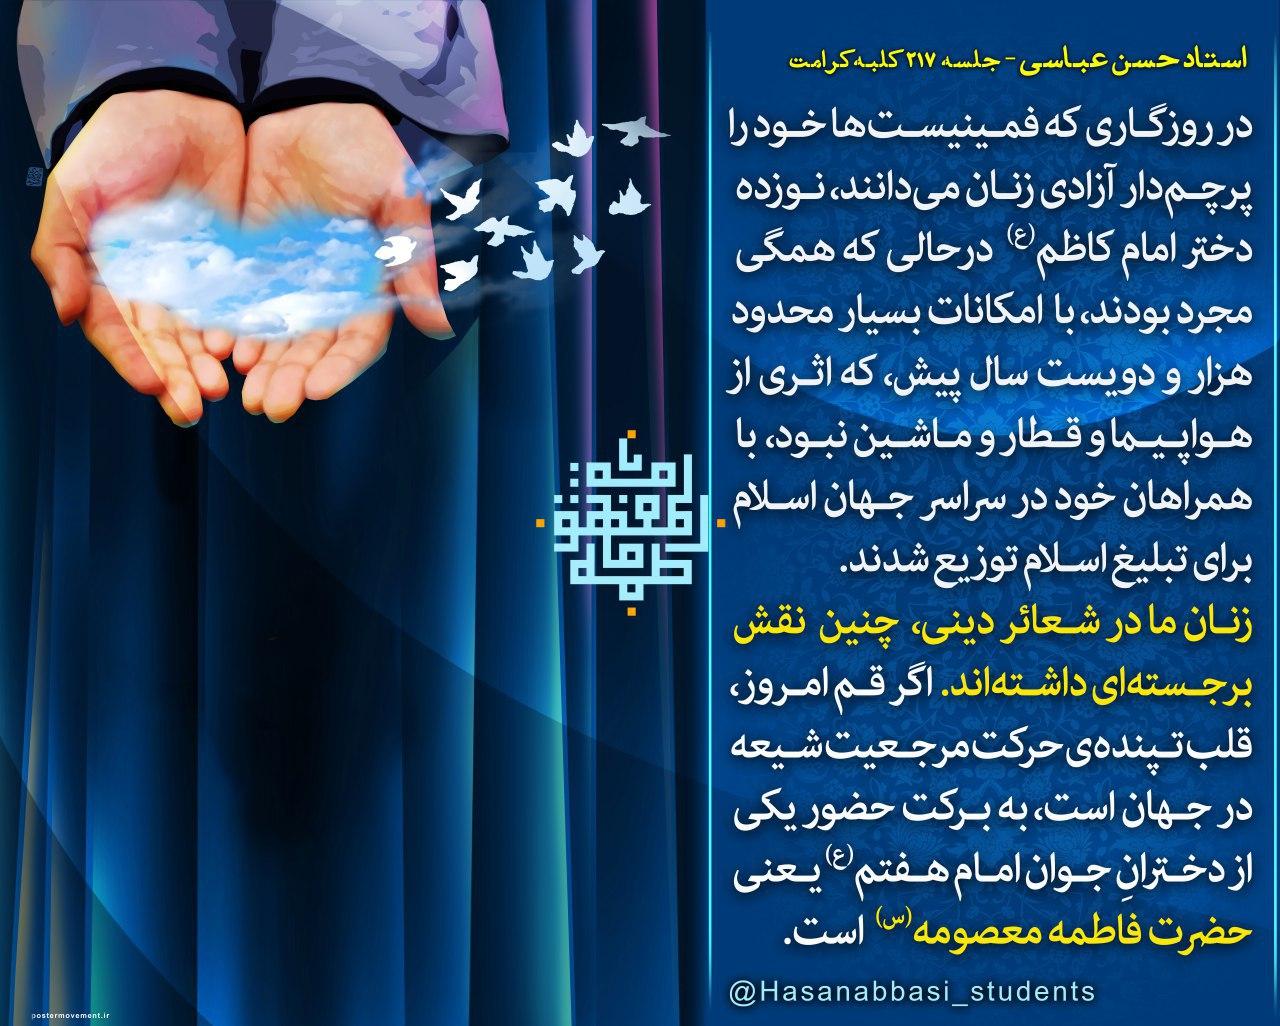 نقش برجسته و شگفتآور نوزده دختر امام هفتم(ع) از هزار و دویست سال قبل تاکنون